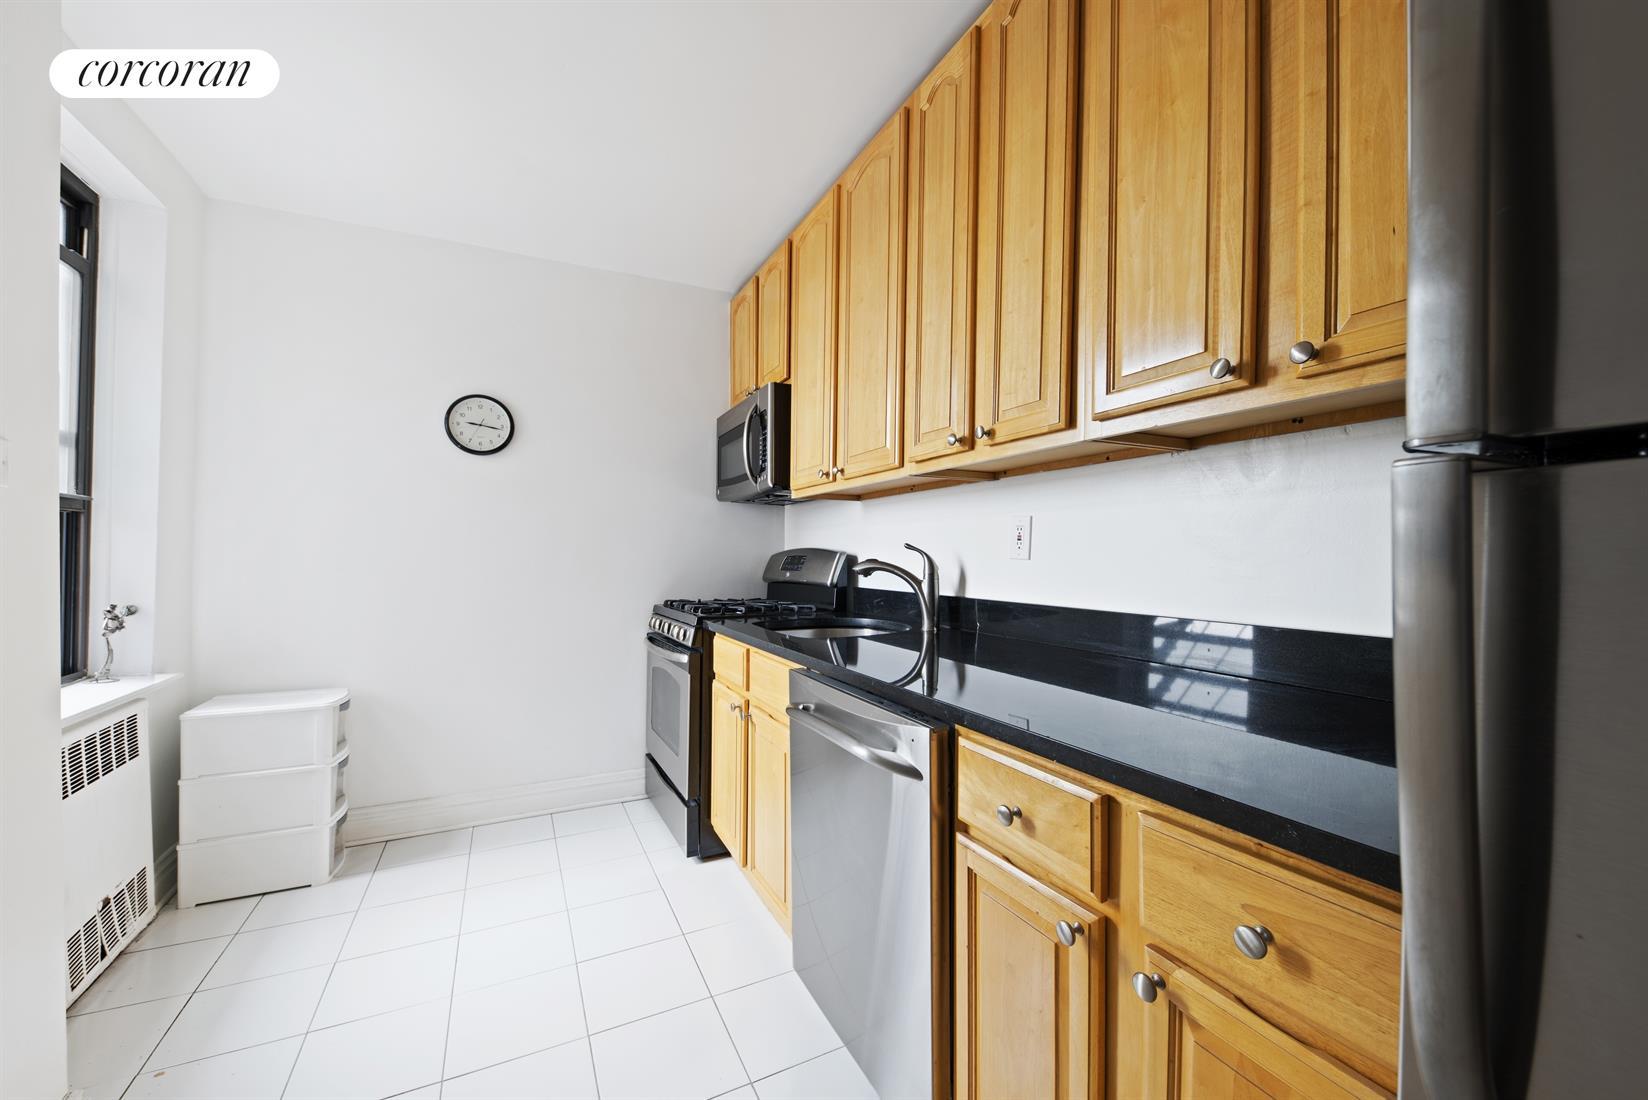 Corcoran, 1119 Ocean Parkway, Apt. 6N, Midwood Real Estate, Brooklyn ...